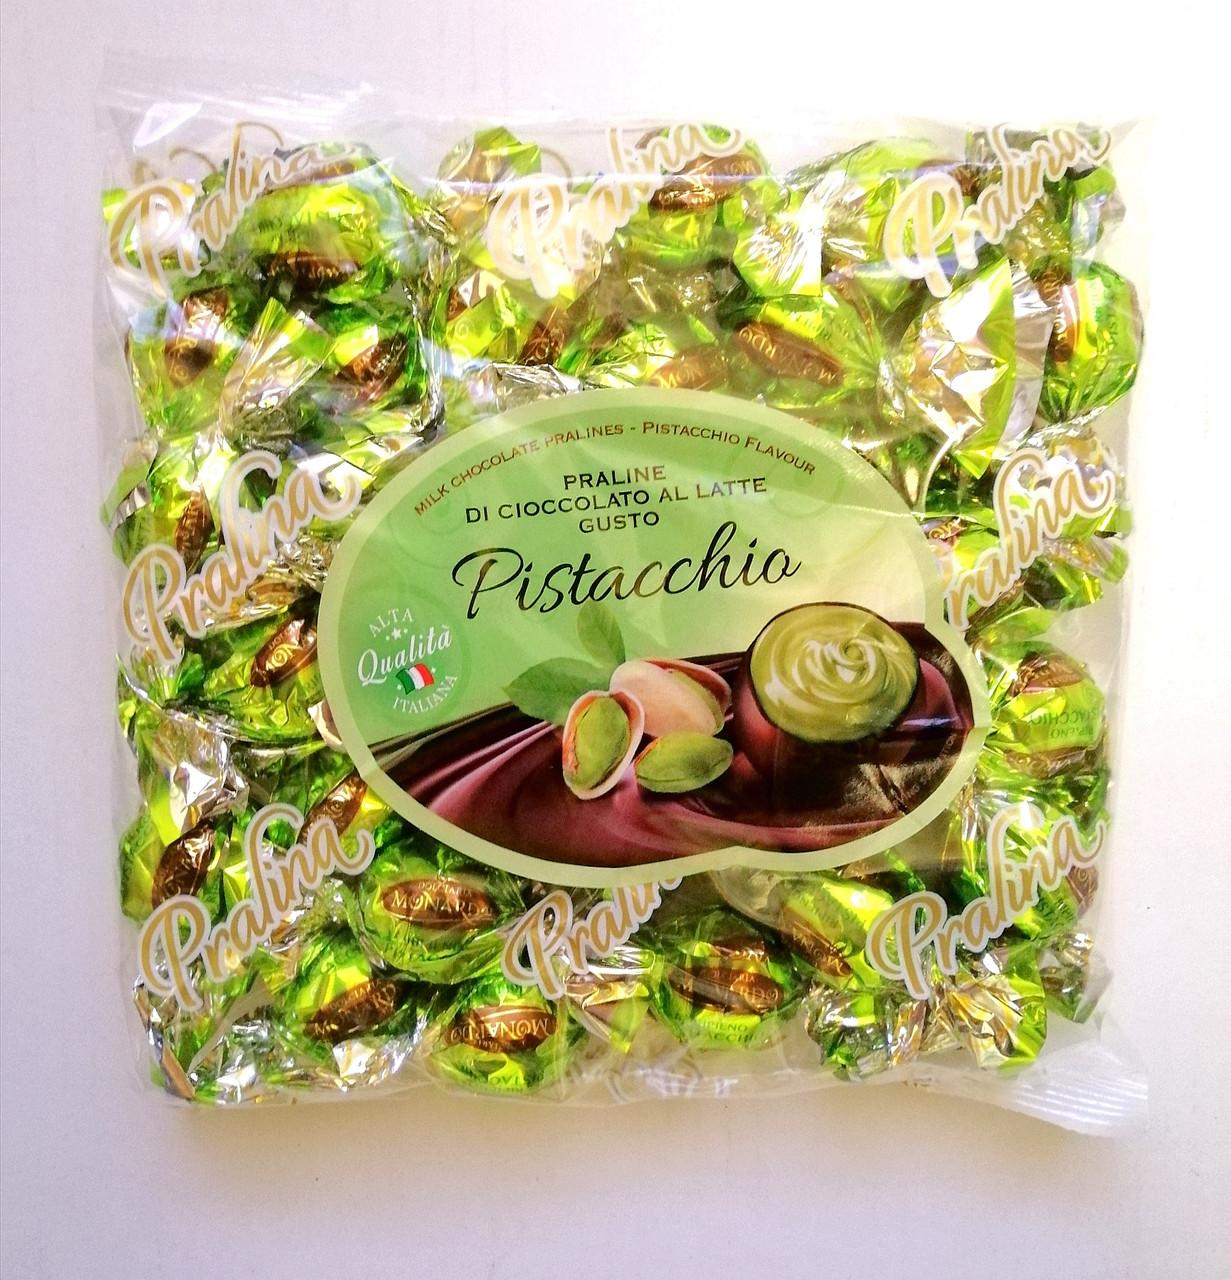 Шоколадные конфеты «Dolciaria Monardo Pralines» с фисташковым пралине 450 грамм, Италия